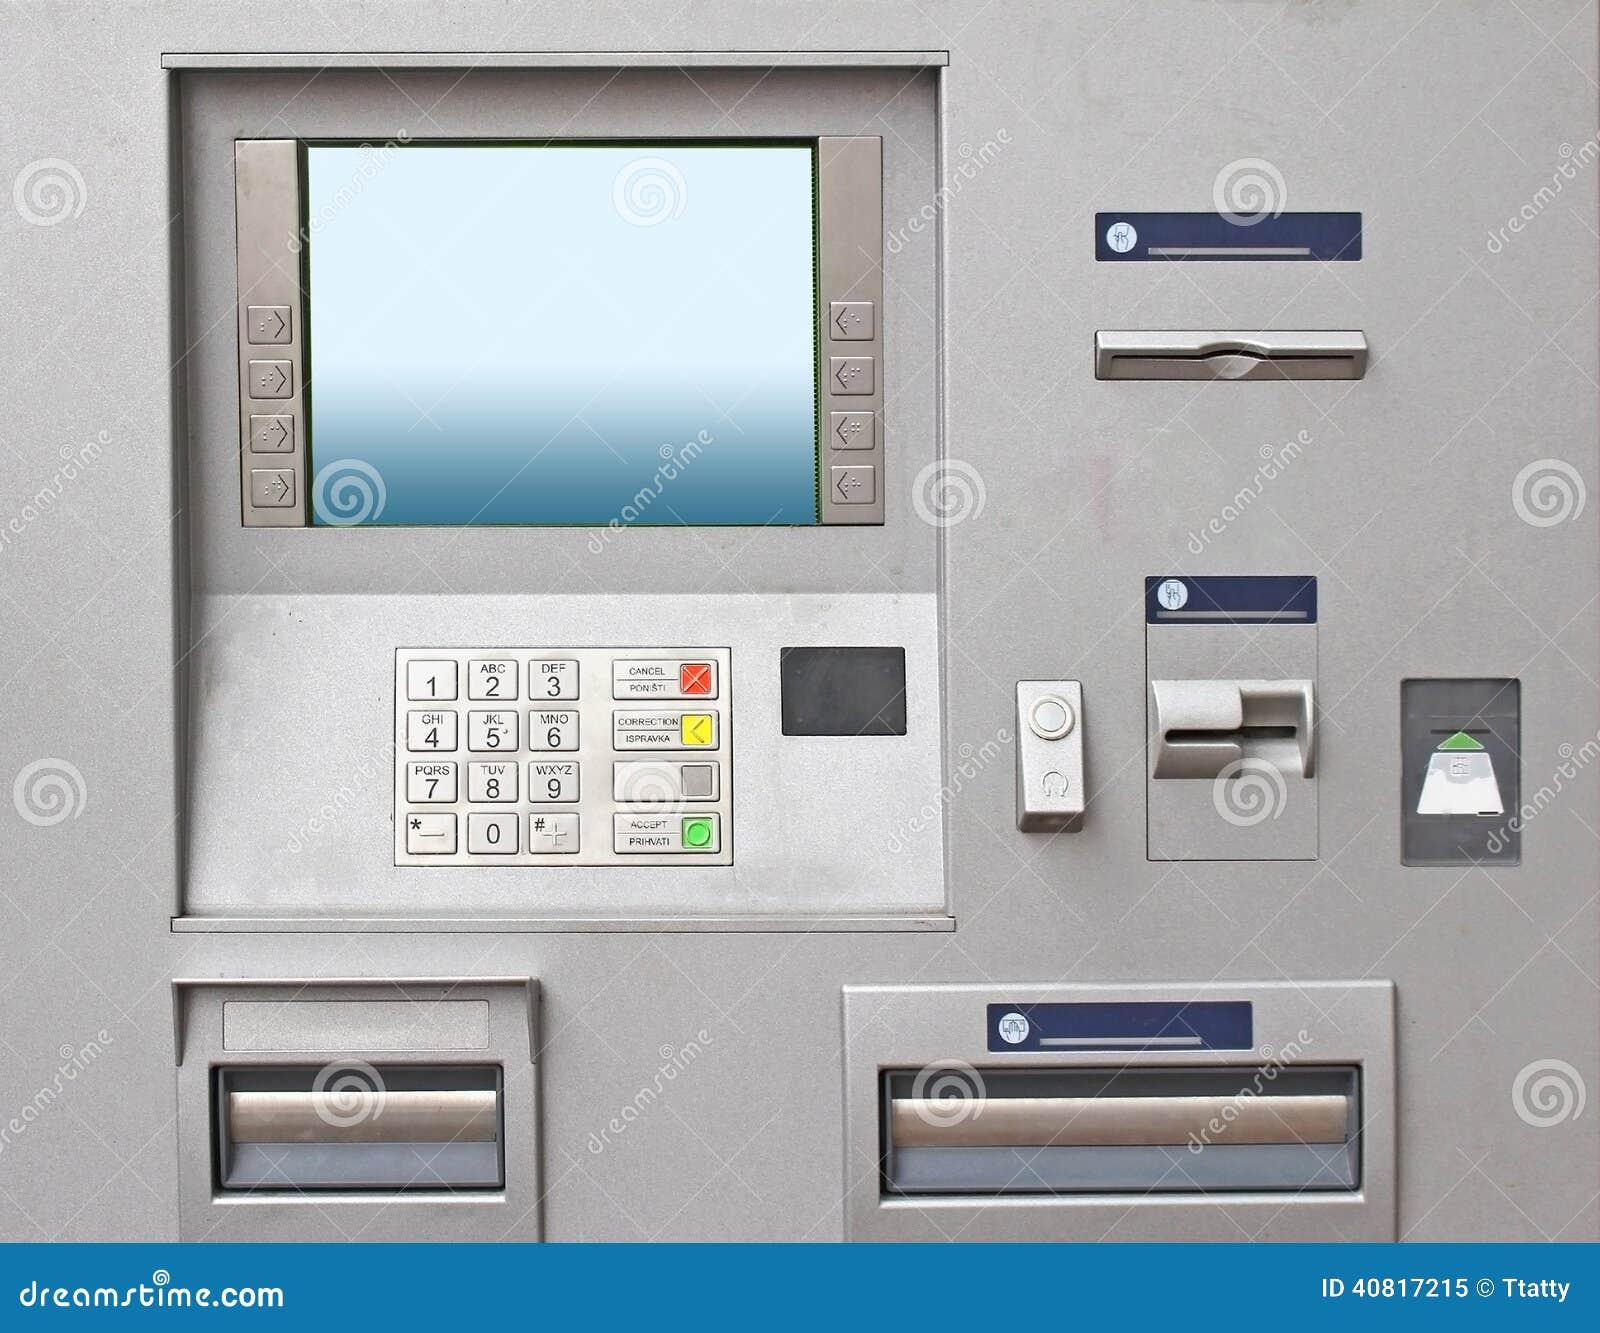 Cajero autom tico foto de archivo imagen 40817215 for Como se abre un cajero automatico